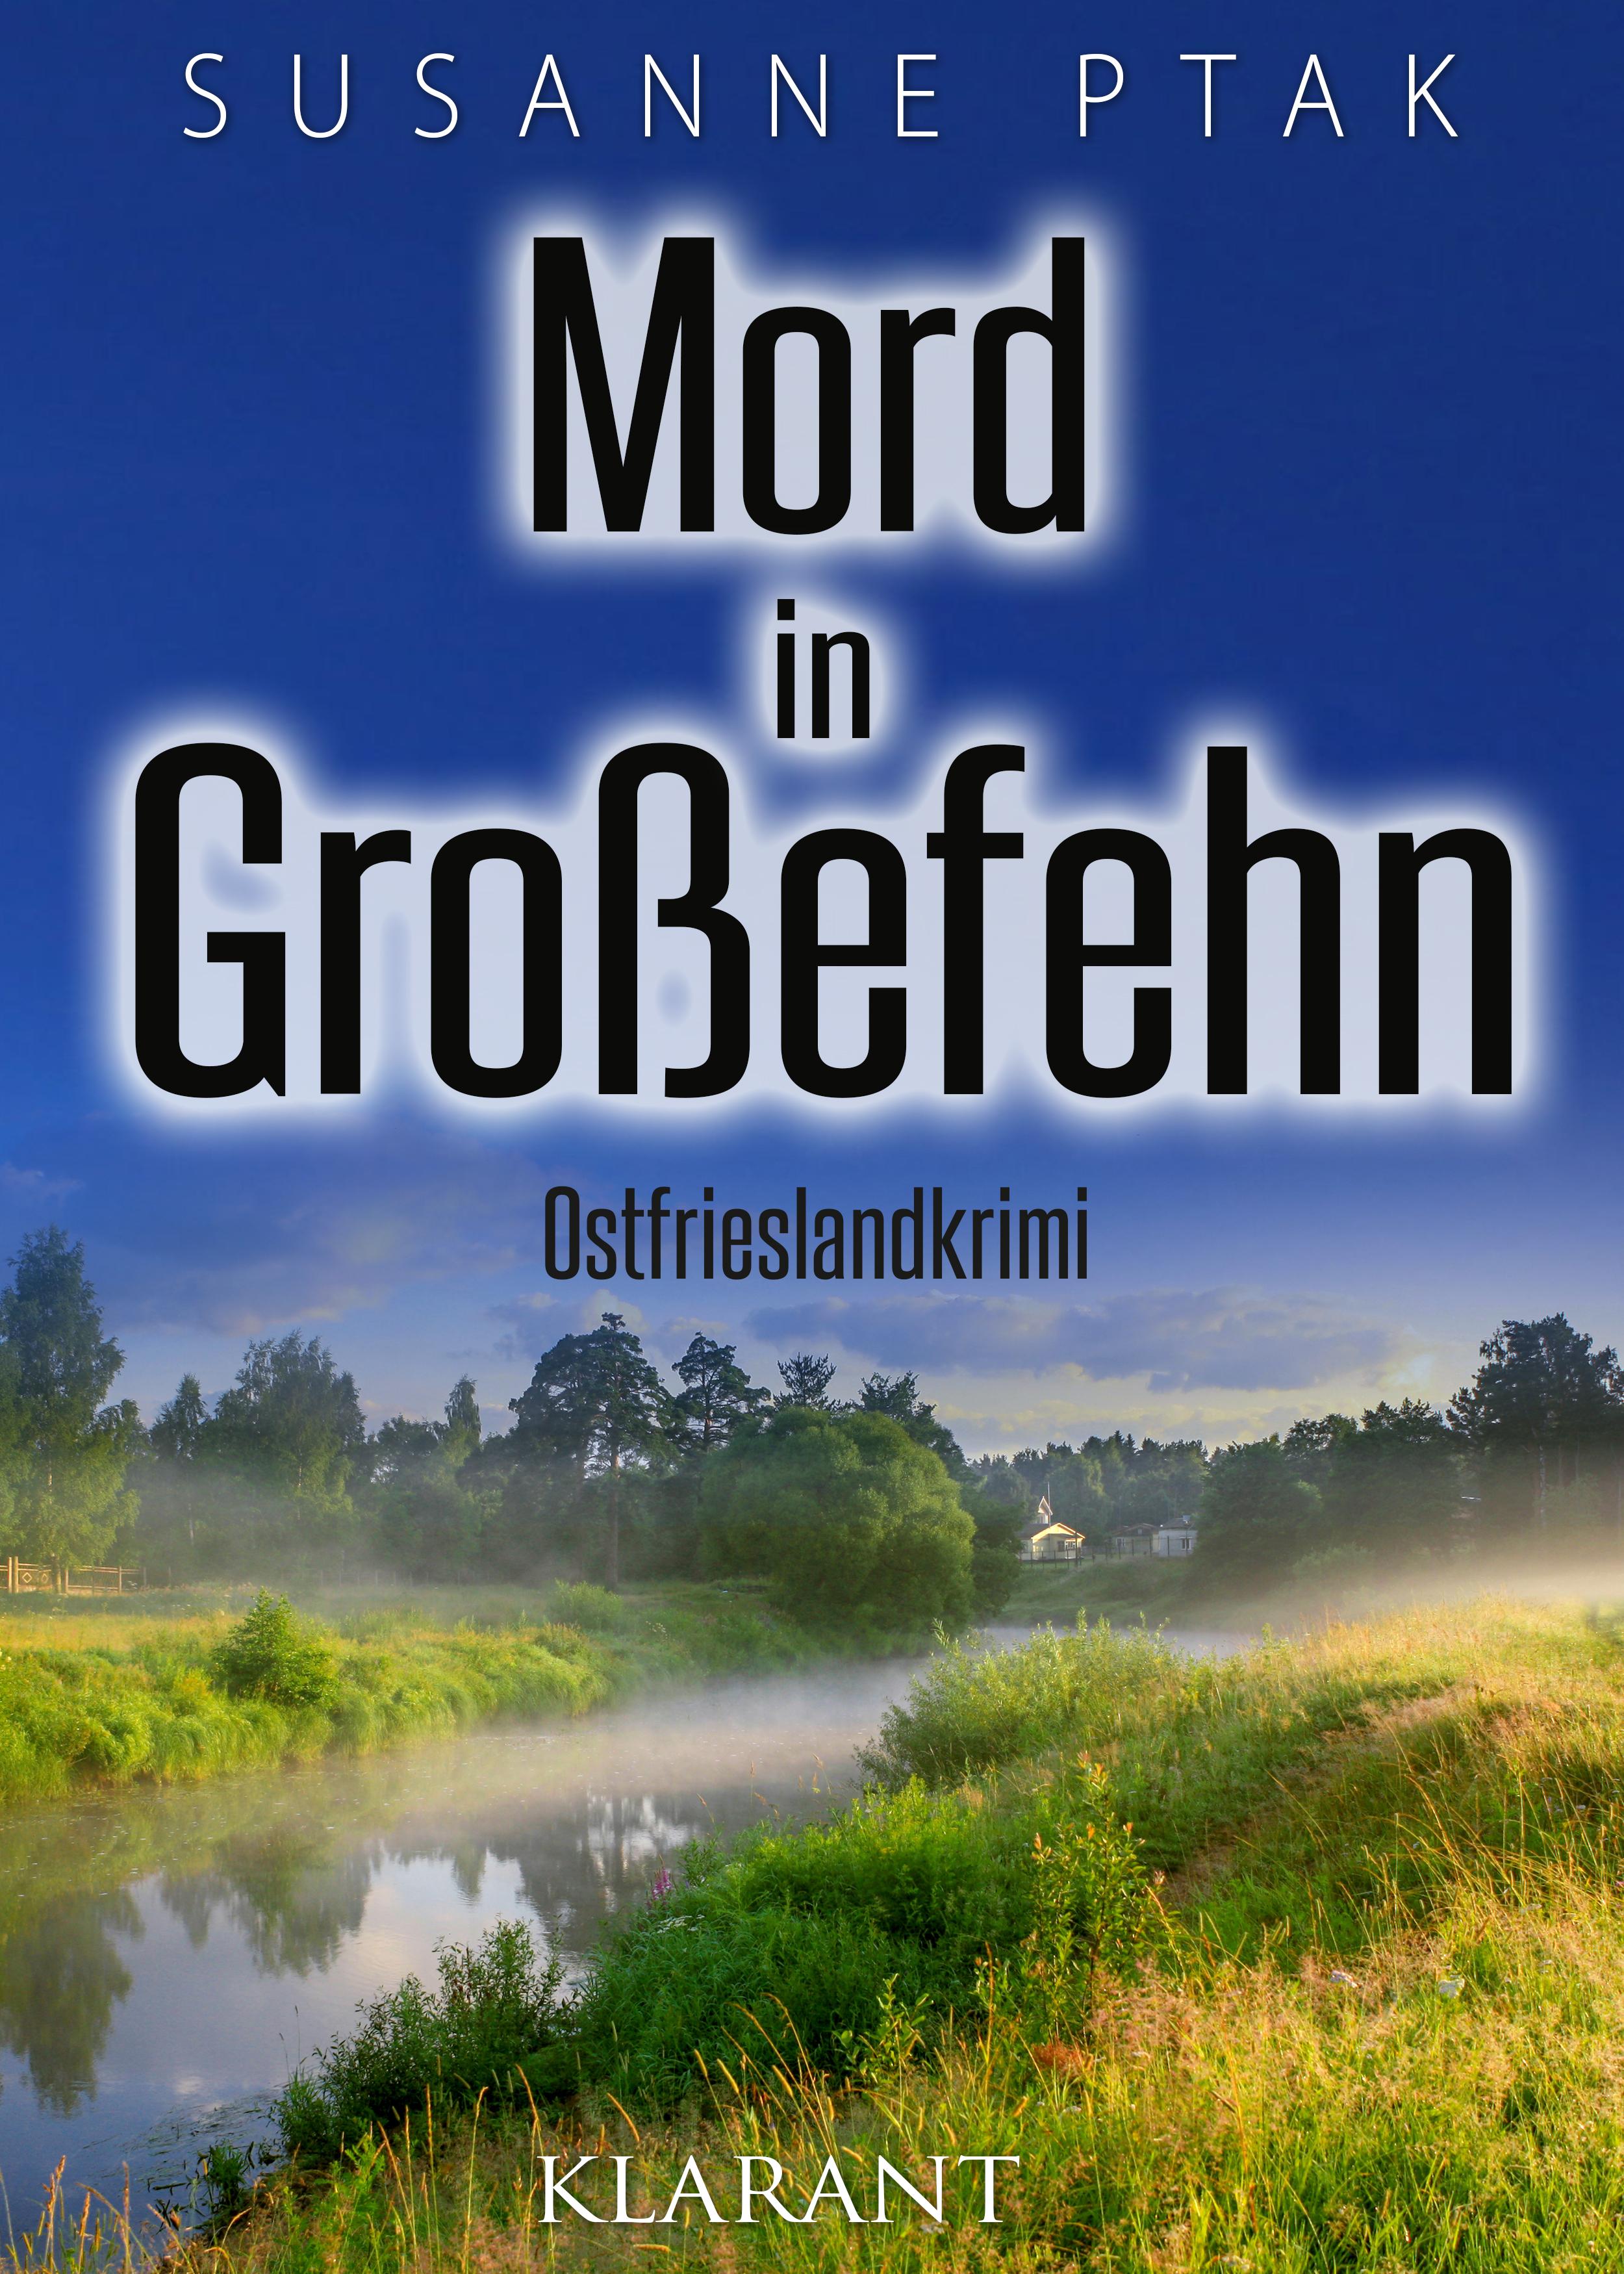 6521561537599722_MordinGroefehn.jpg